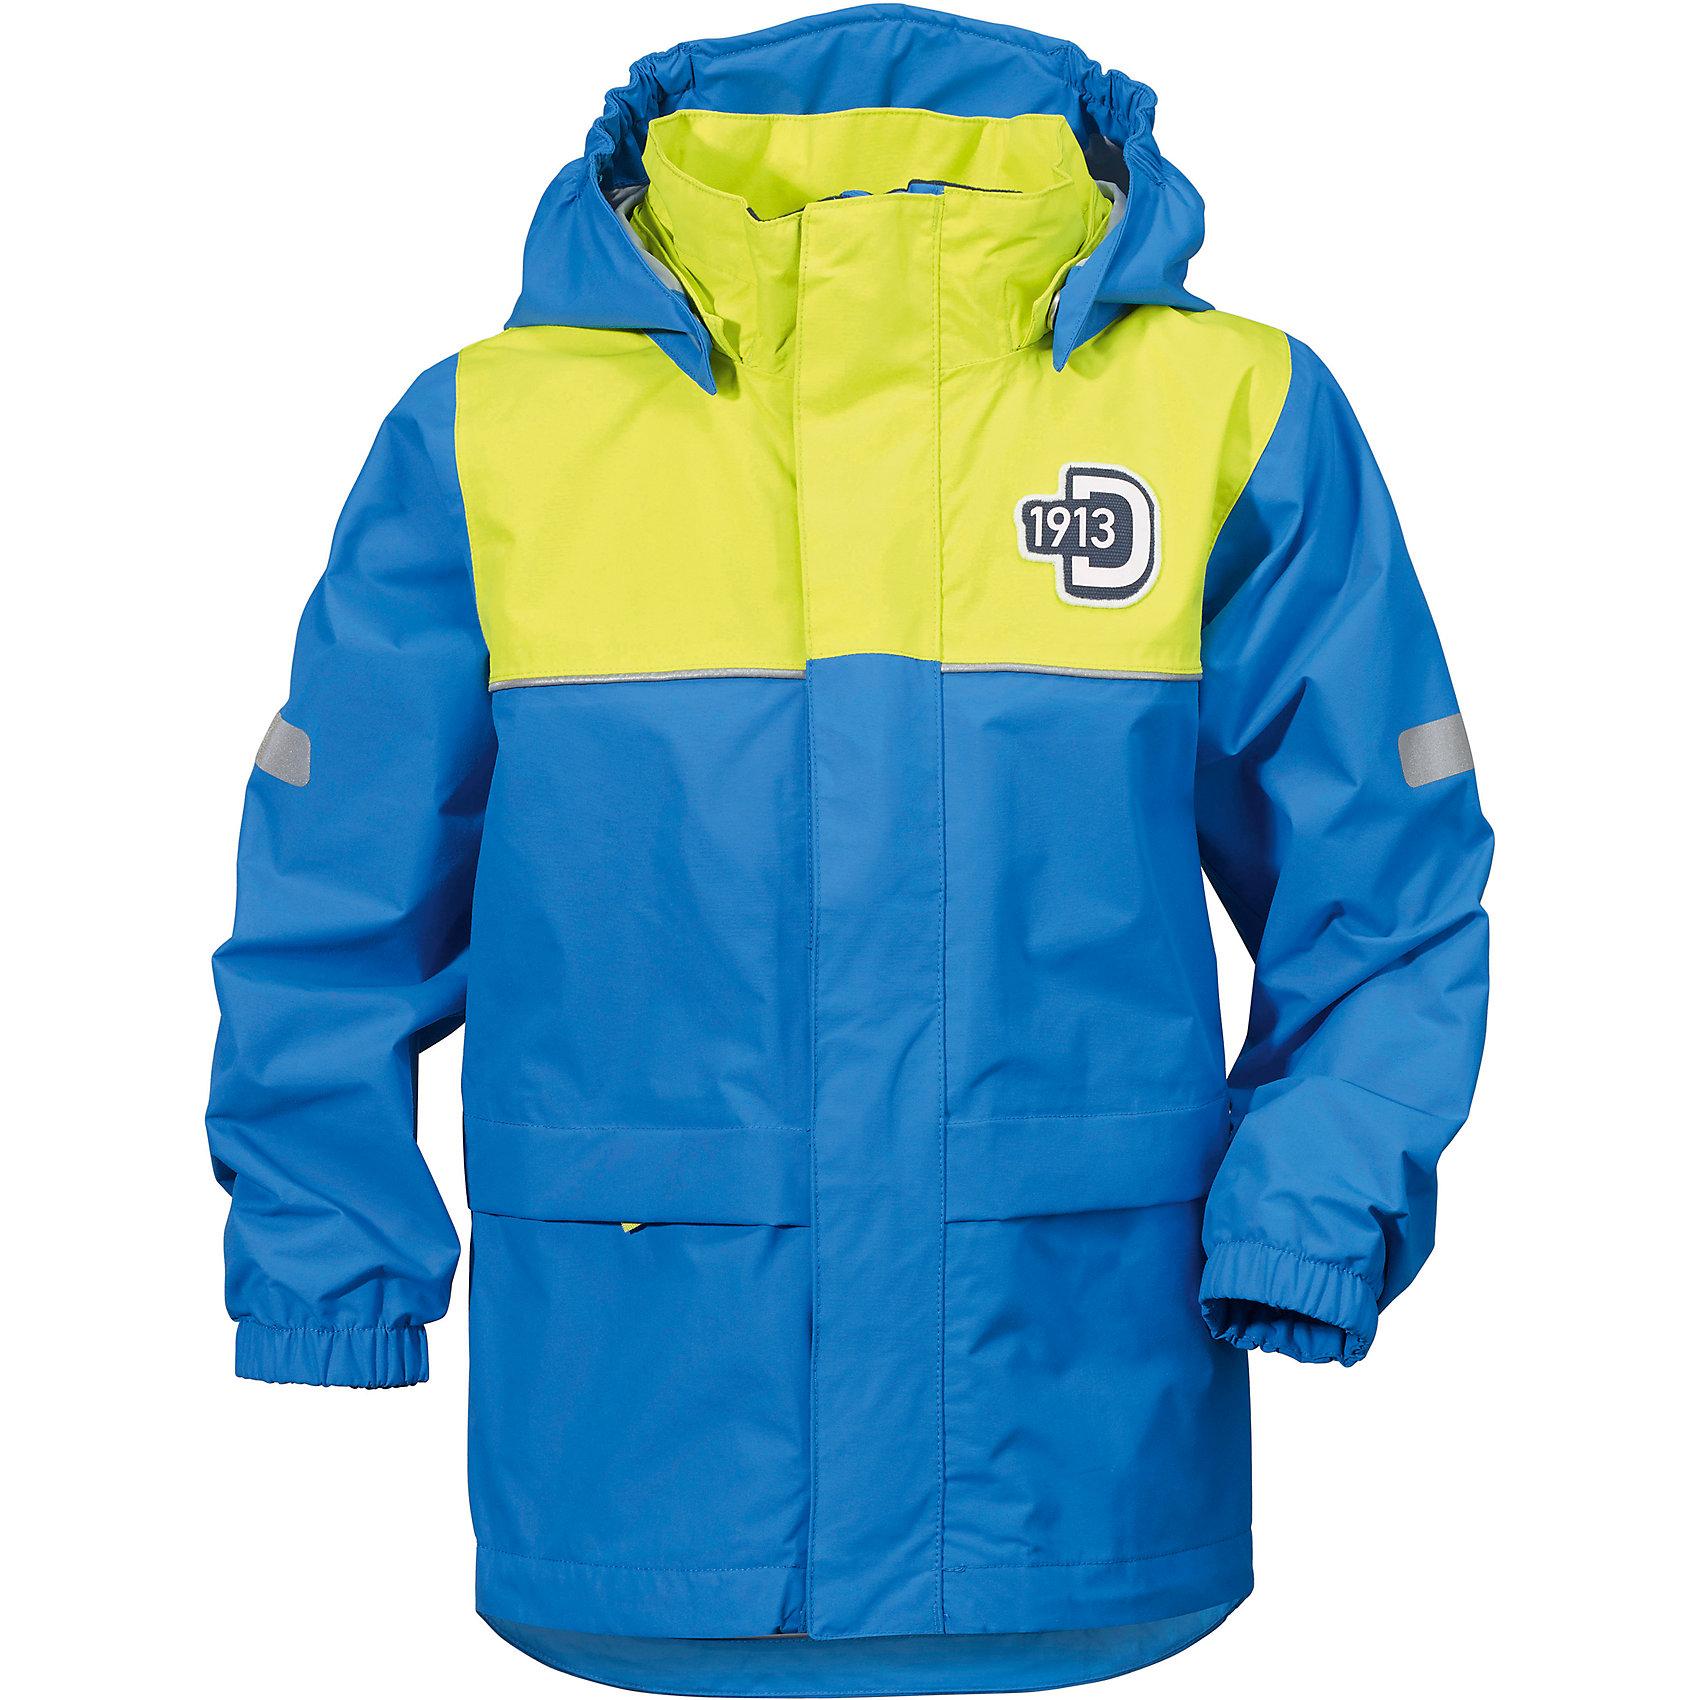 Куртка JEZERI для мальчика DIDRIKSONSВерхняя одежда<br>Куртка из непромокаемой и непродуваемой мембранной ткани. Все швы проклеены, что обеспечивает максимальную защиту от внешней влаги. Подкладка из полиэстера. Съемный регулируемый капюшон. Рукава -  на резинке. Светоотражатели. Модель растет вместе с ребенком: уникальный крой изделия позволяет при необходимости увеличить длину рукавов на один размер, распустив специальный внутренний шов. Практичная демисезонная куртка - идеальный вариант для прогулок на свежем воздухе в весеннюю или осеннюю пору. <br>Состав:<br>Верх - 100% полиэстер, подкладка - 100% полиэстер<br><br>Ширина мм: 356<br>Глубина мм: 10<br>Высота мм: 245<br>Вес г: 519<br>Цвет: голубой<br>Возраст от месяцев: 96<br>Возраст до месяцев: 108<br>Пол: Мужской<br>Возраст: Детский<br>Размер: 130,110,140,80<br>SKU: 5527229